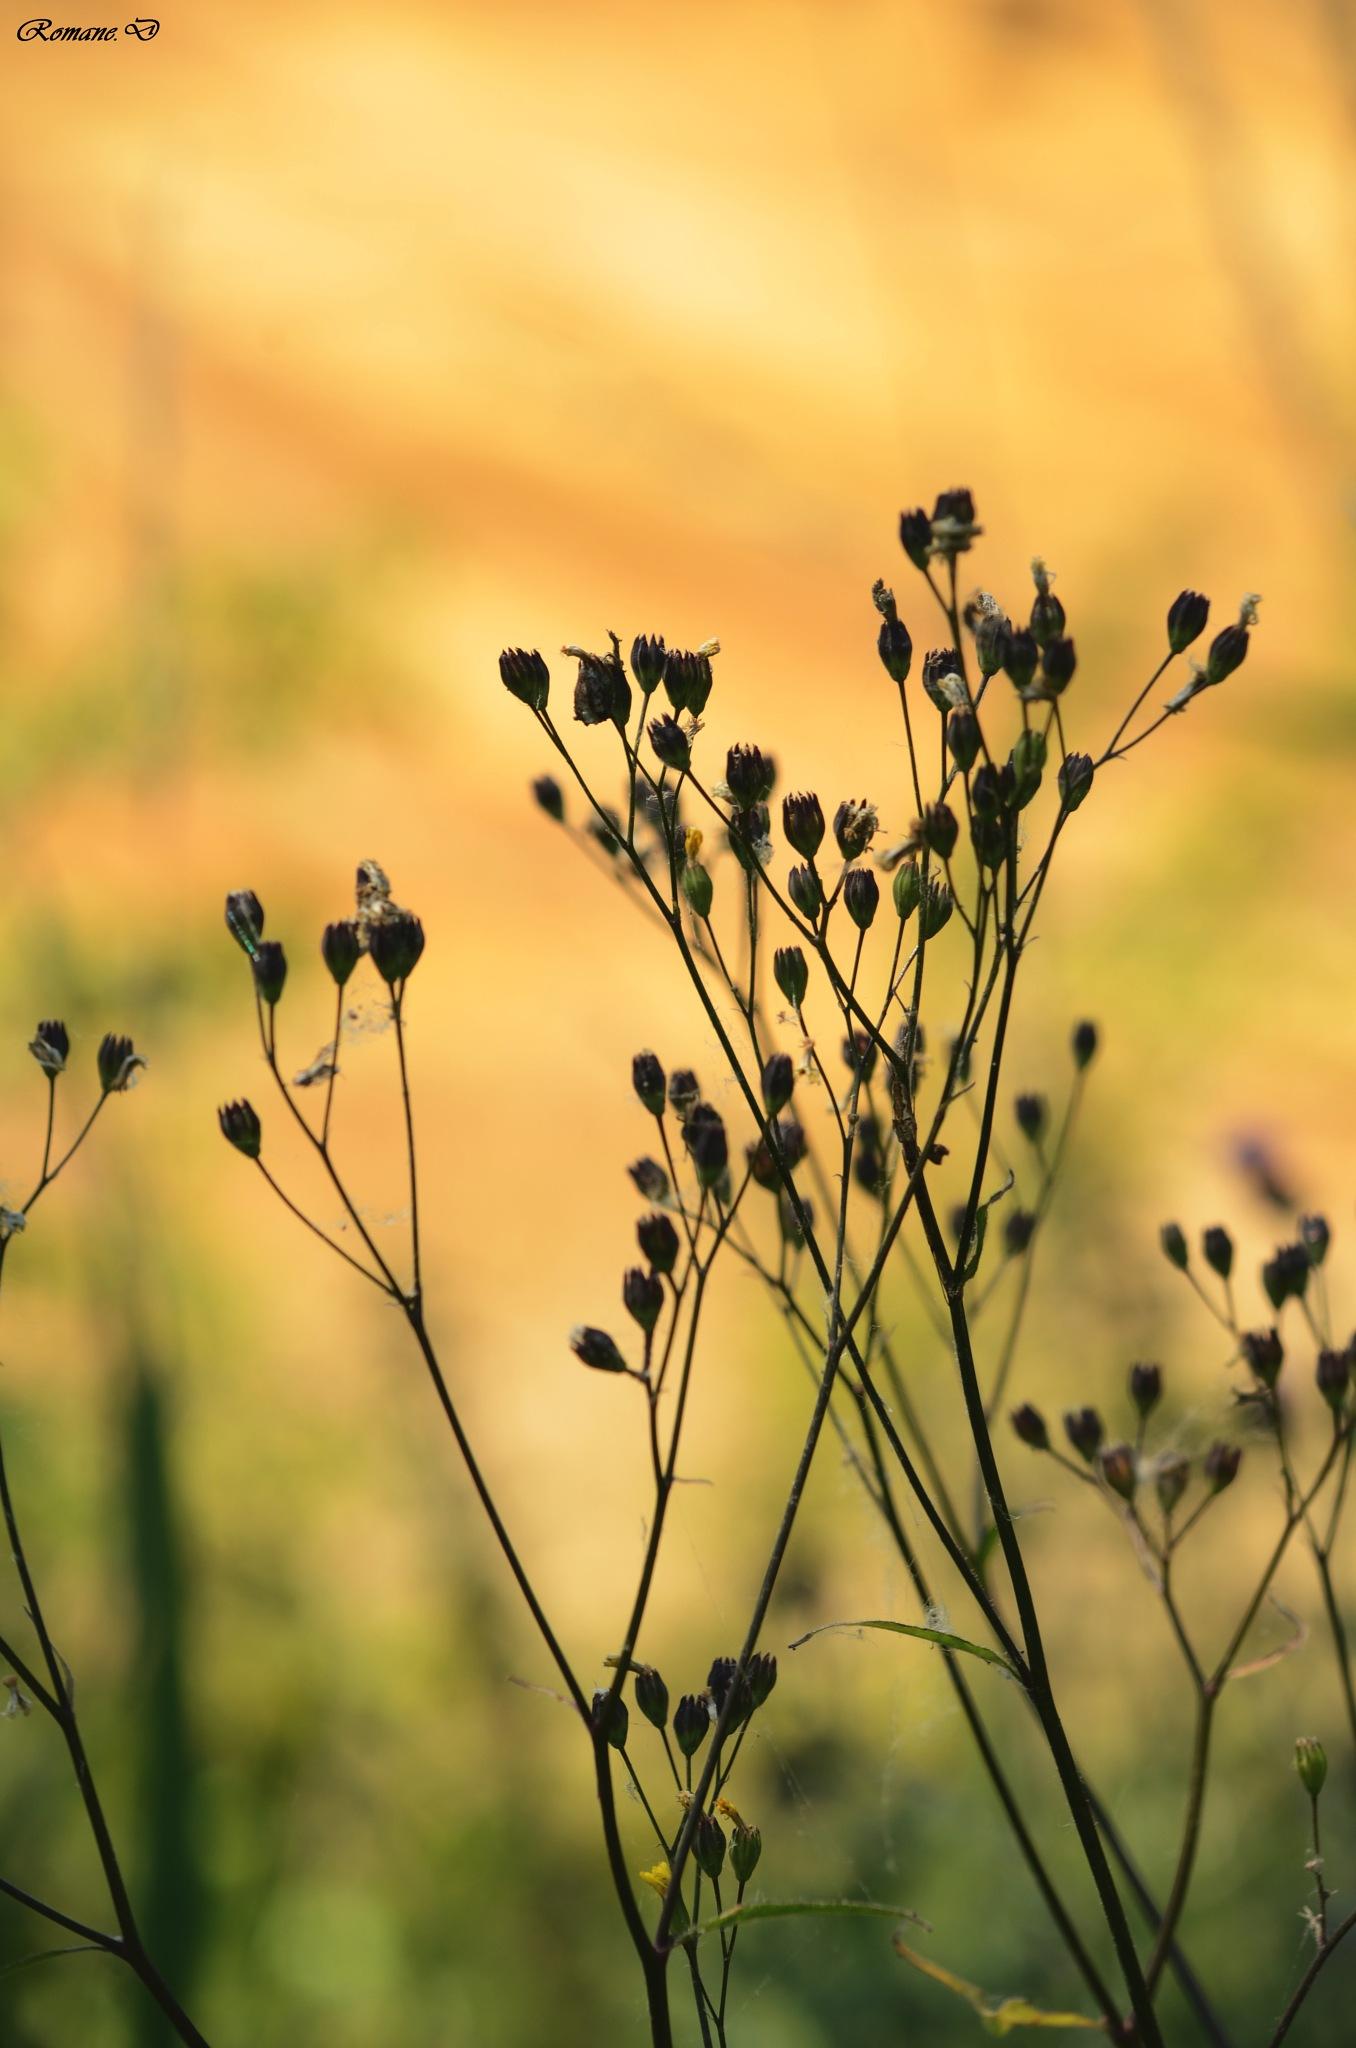 Flowers by Romane Delcoeur